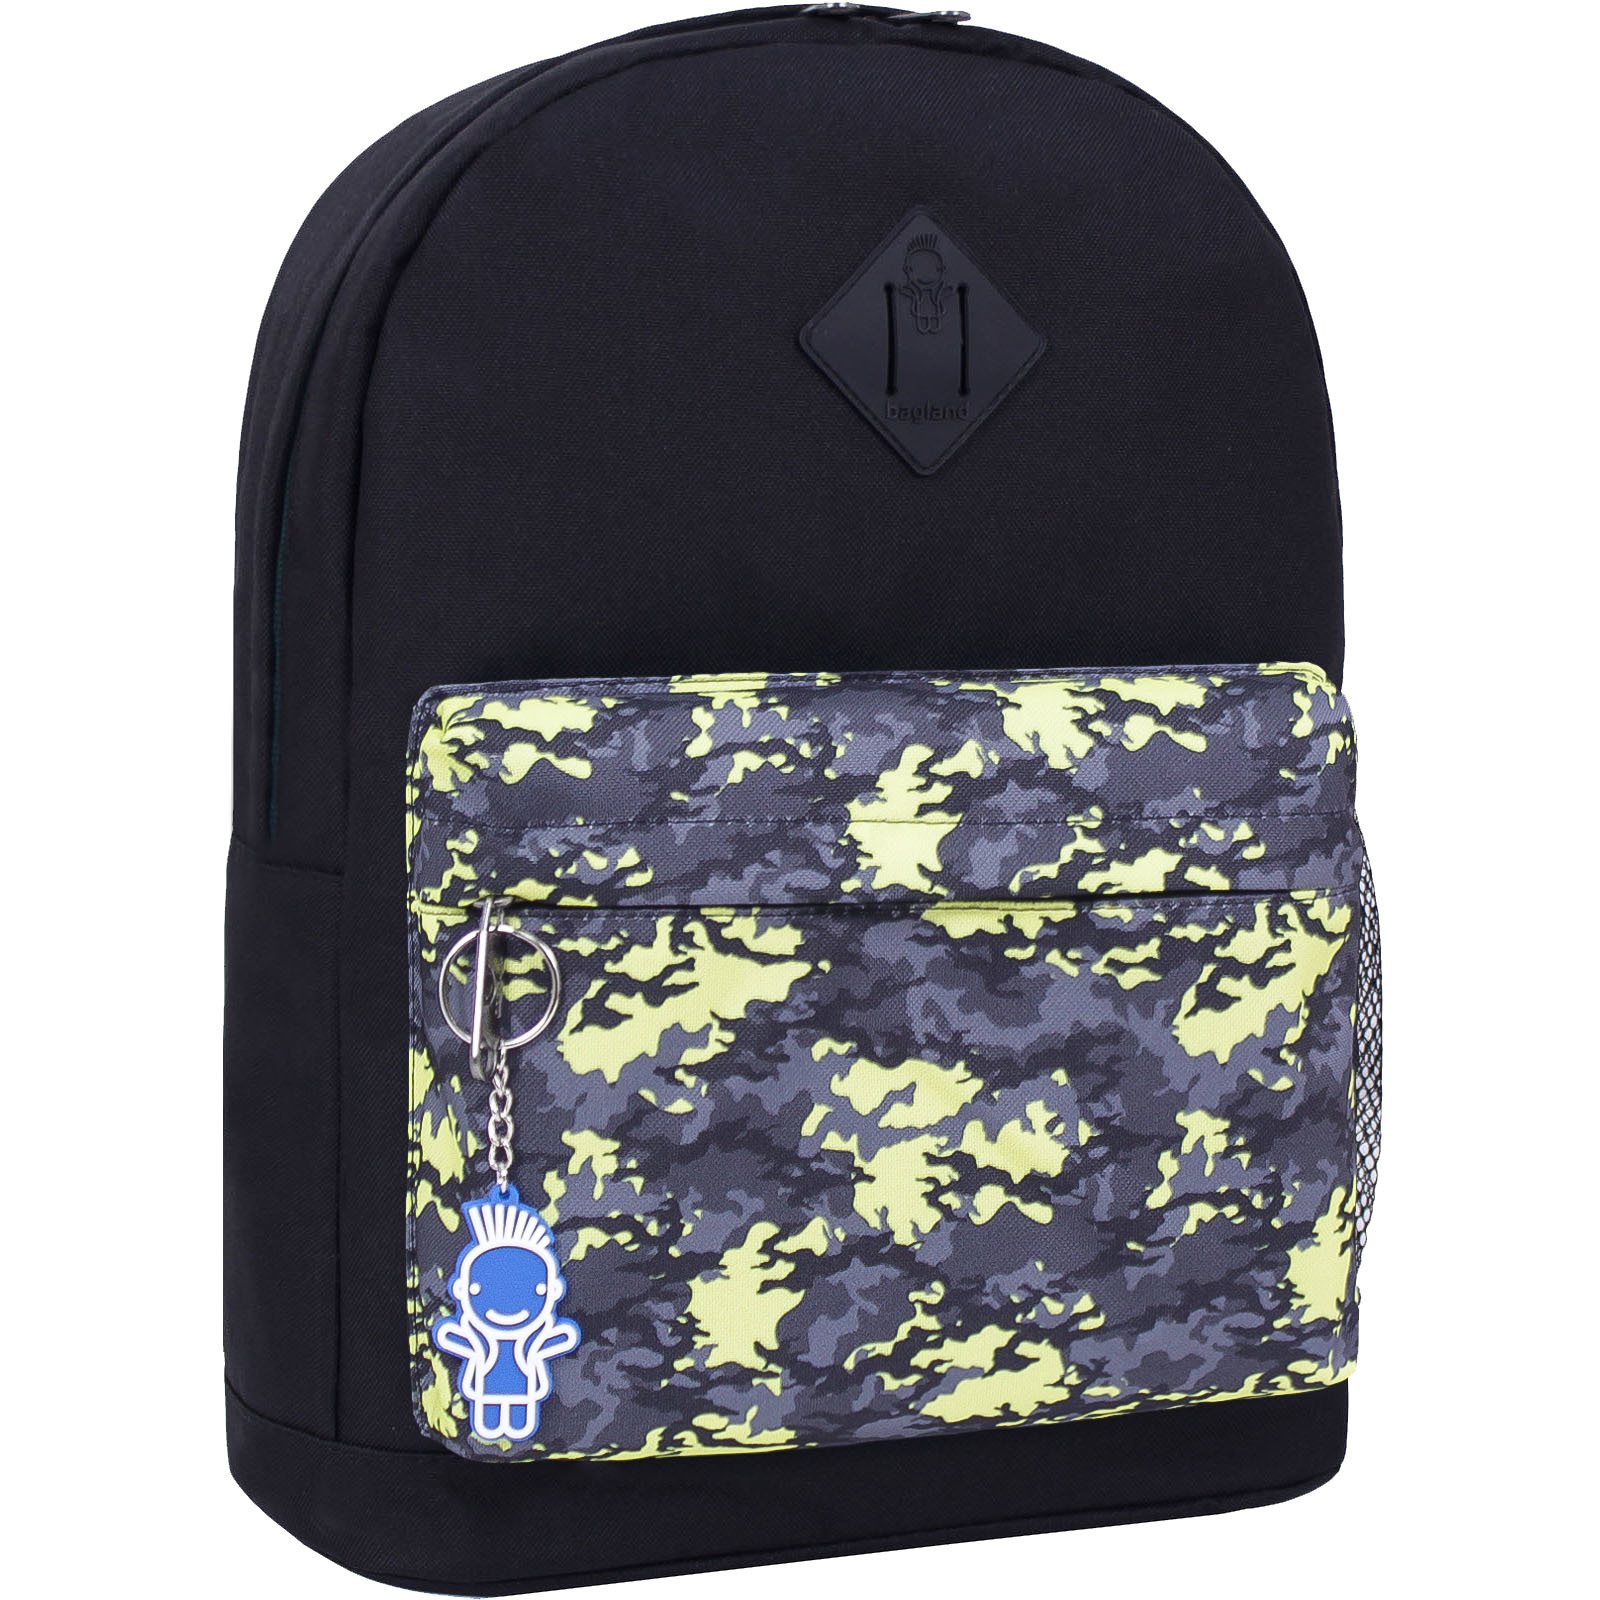 Городские рюкзаки Рюкзак Bagland Молодежный W/R 17 л. черный 454 (00533662) IMG_2530_454_-1600.jpg